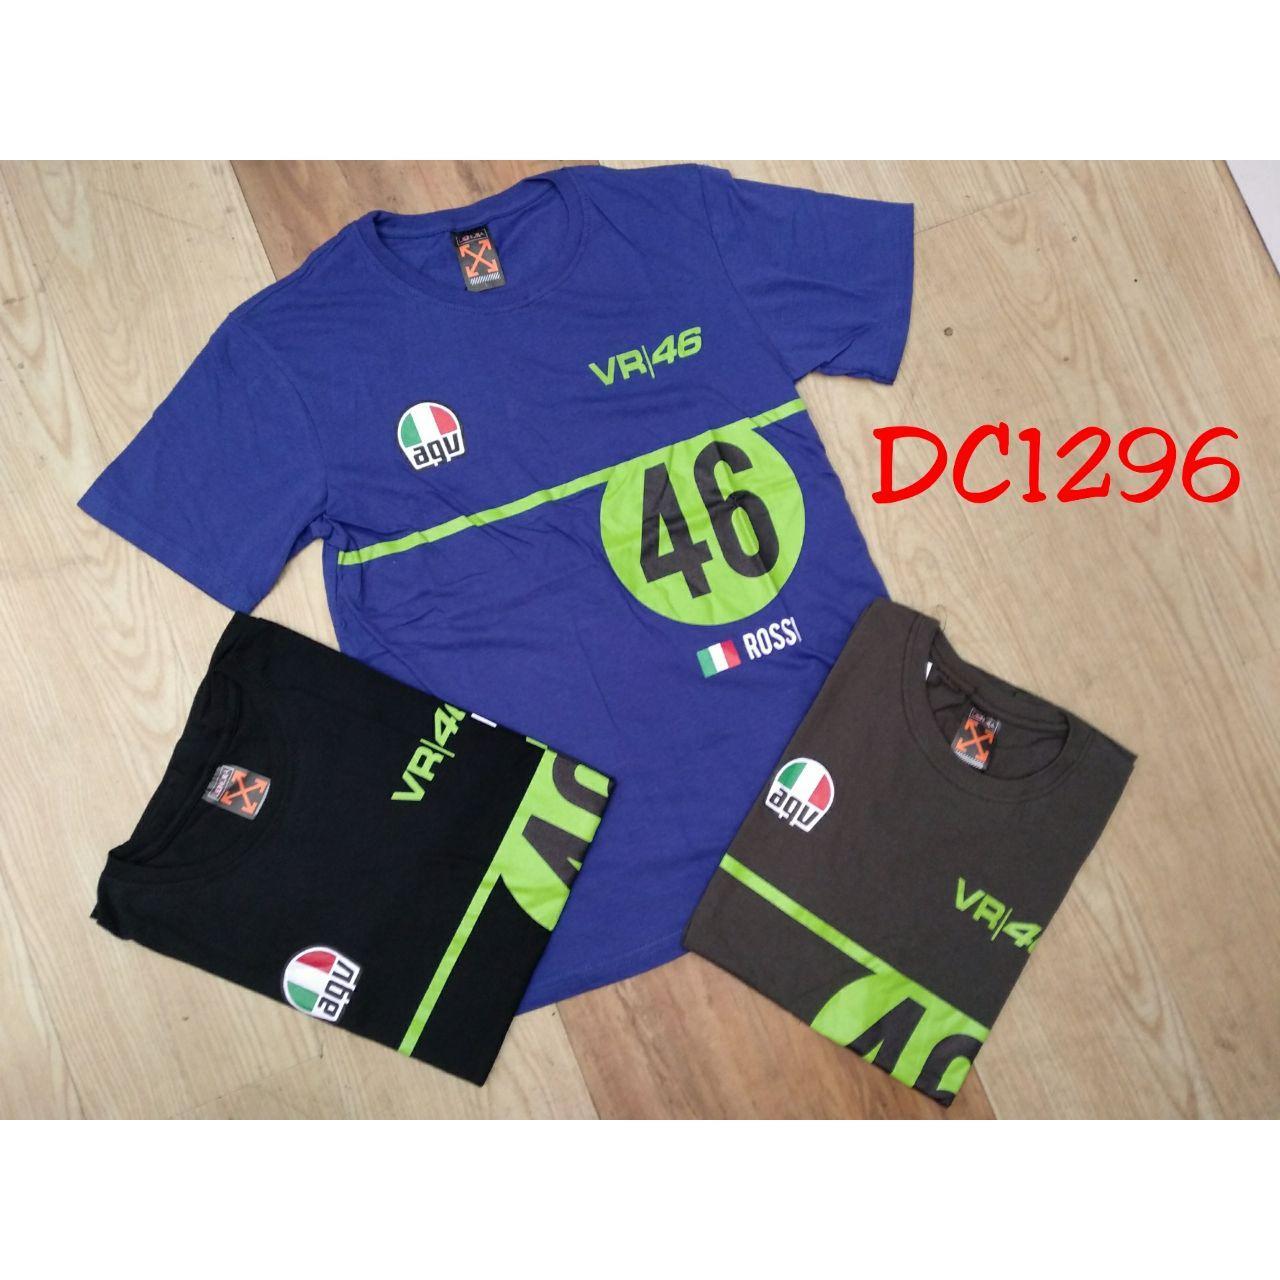 Kaos Karakter VR46 (DC1296) Lengan Pendek  Tshirt Carded  Baju Cowok Murah